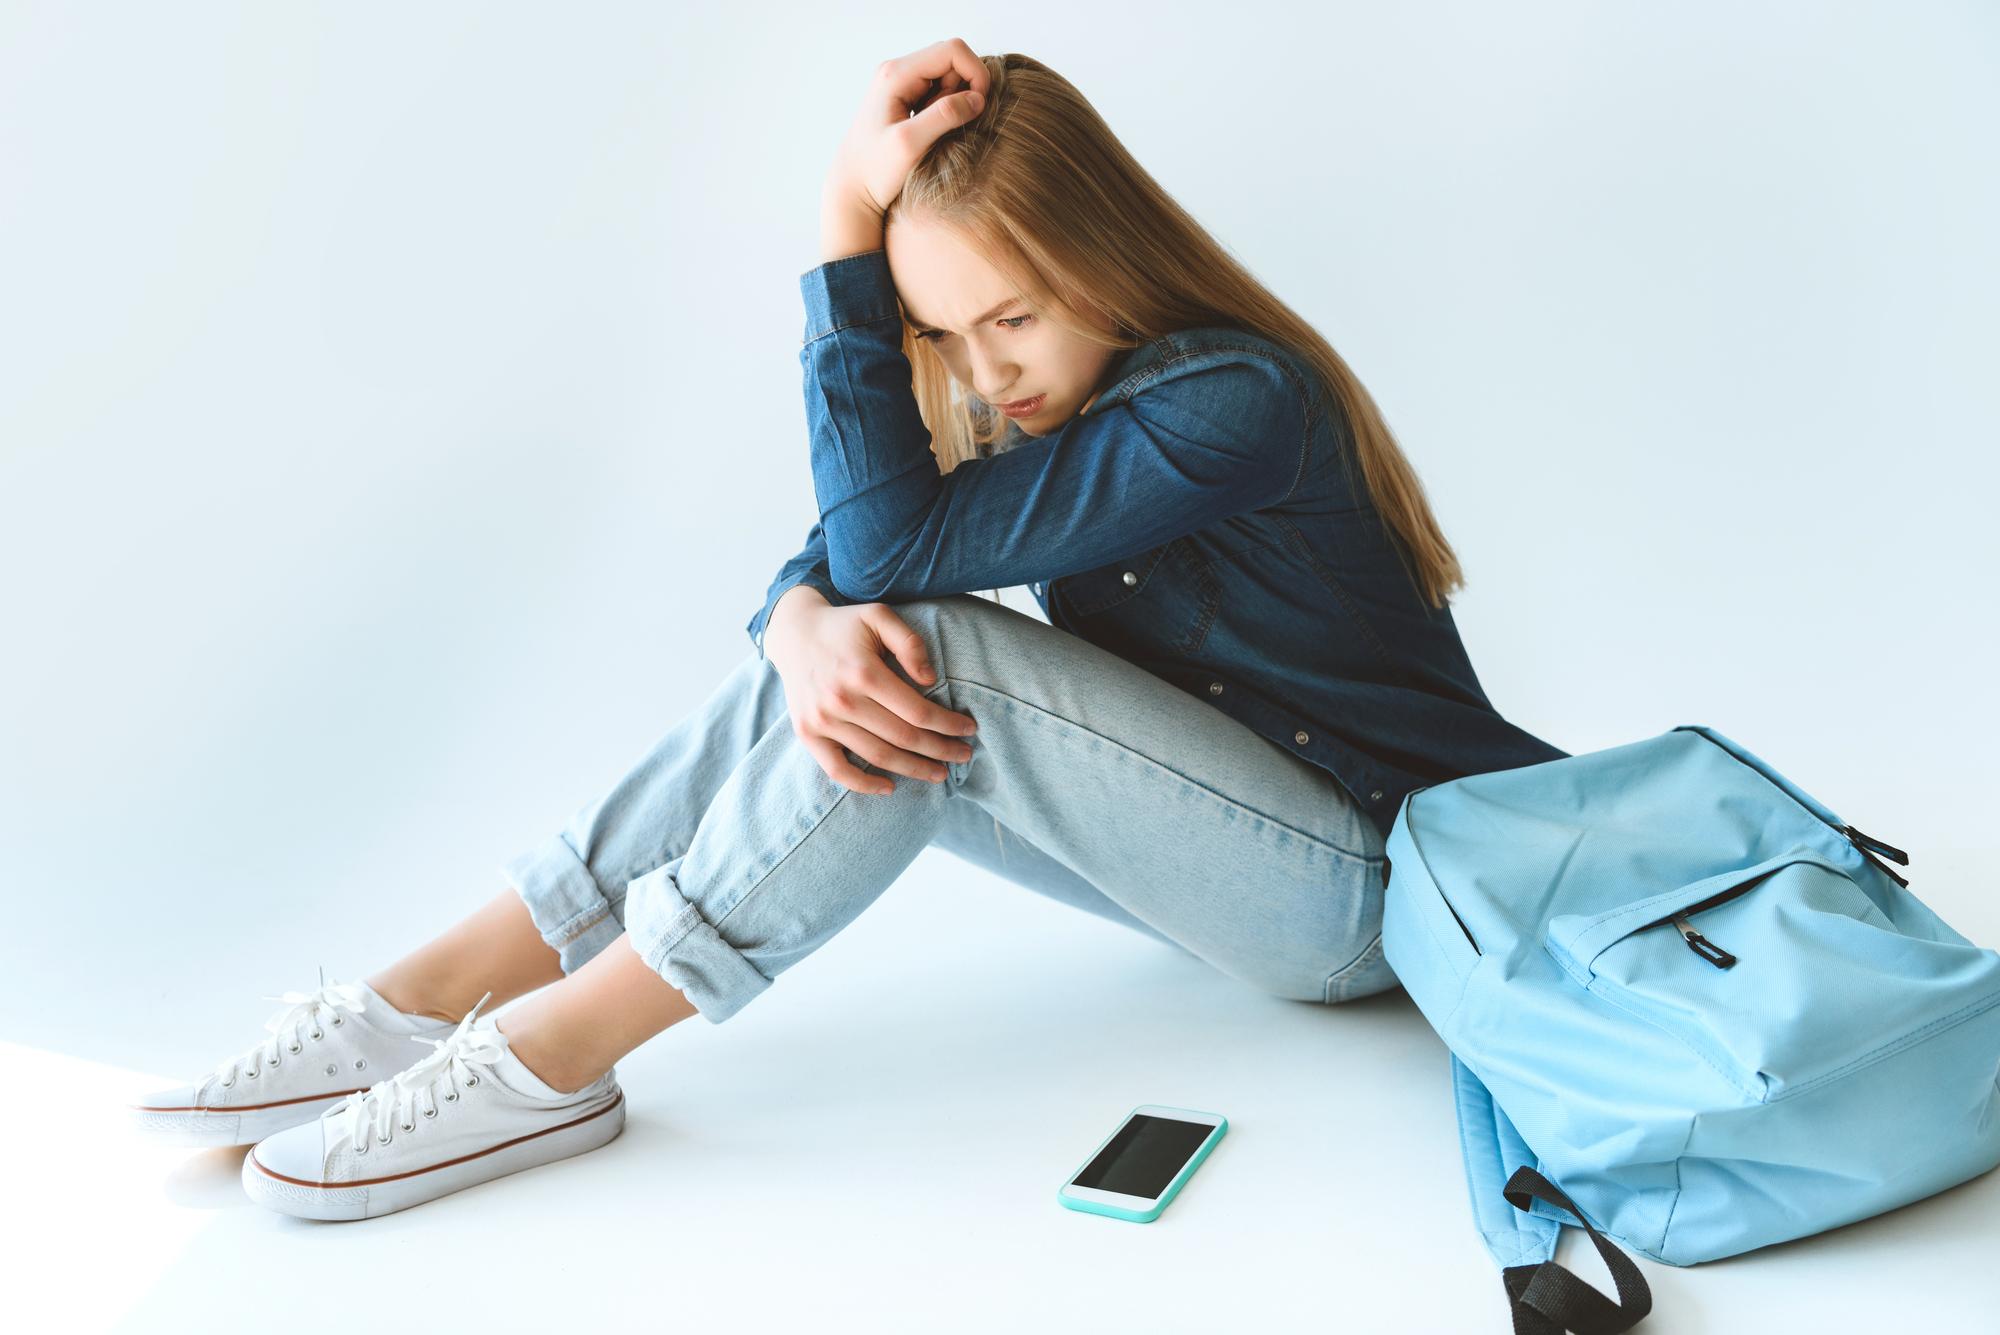 Groeimindset-interventie verbetert stressreacties van adolescenten